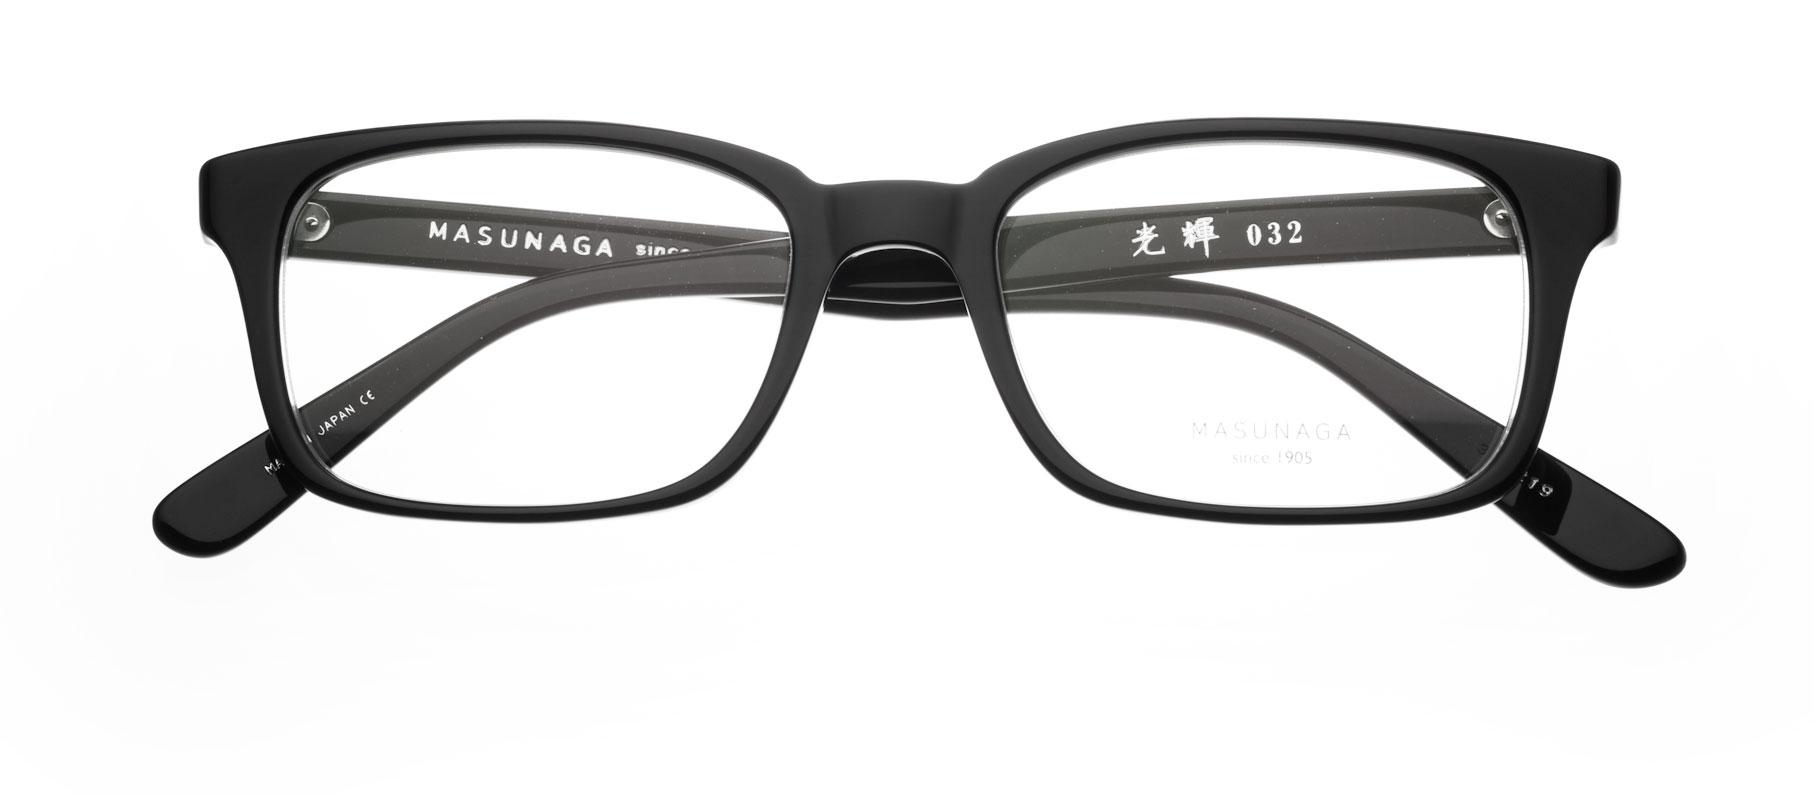 Brillenfassung Shibuya eckig, schwarz | Masunaga | lunettes-shop.de